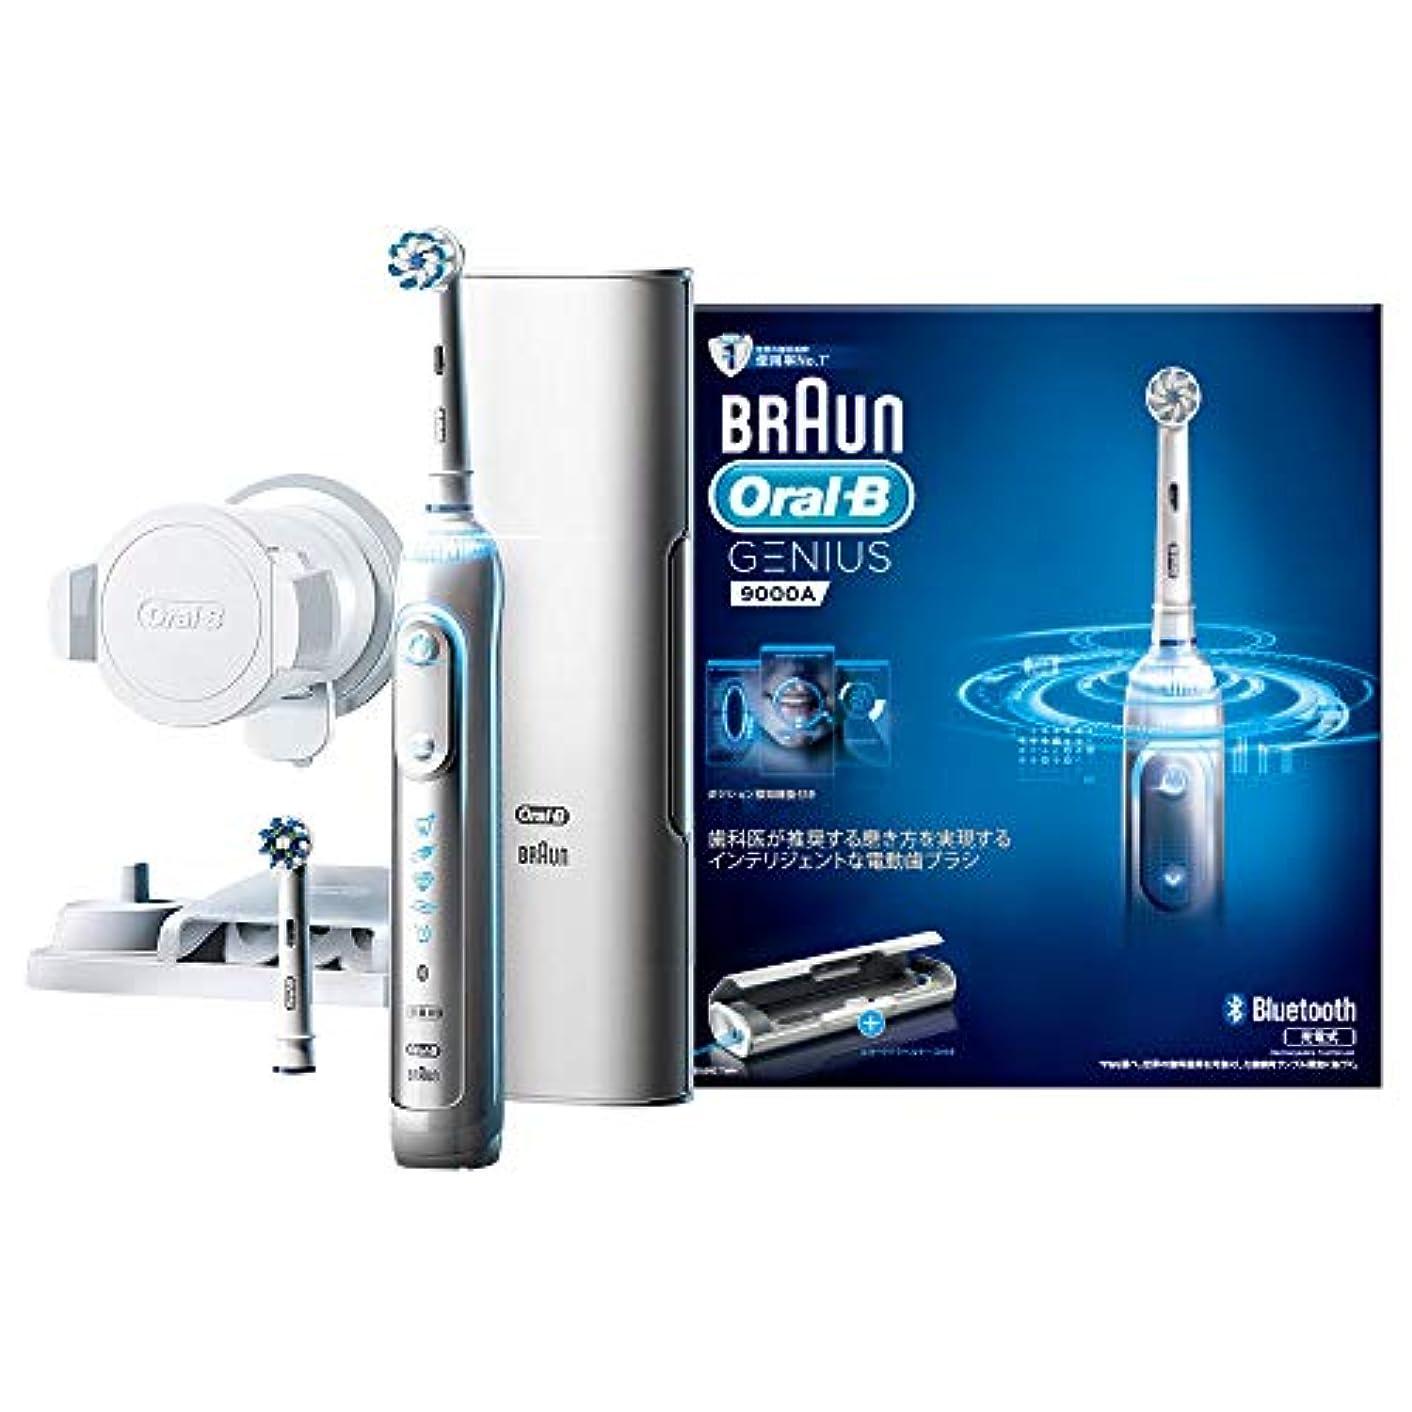 喉頭理容室マウンドブラウン オーラルB 電動歯ブラシ ジーニアス9000 ホワイト D7015256XCTWH